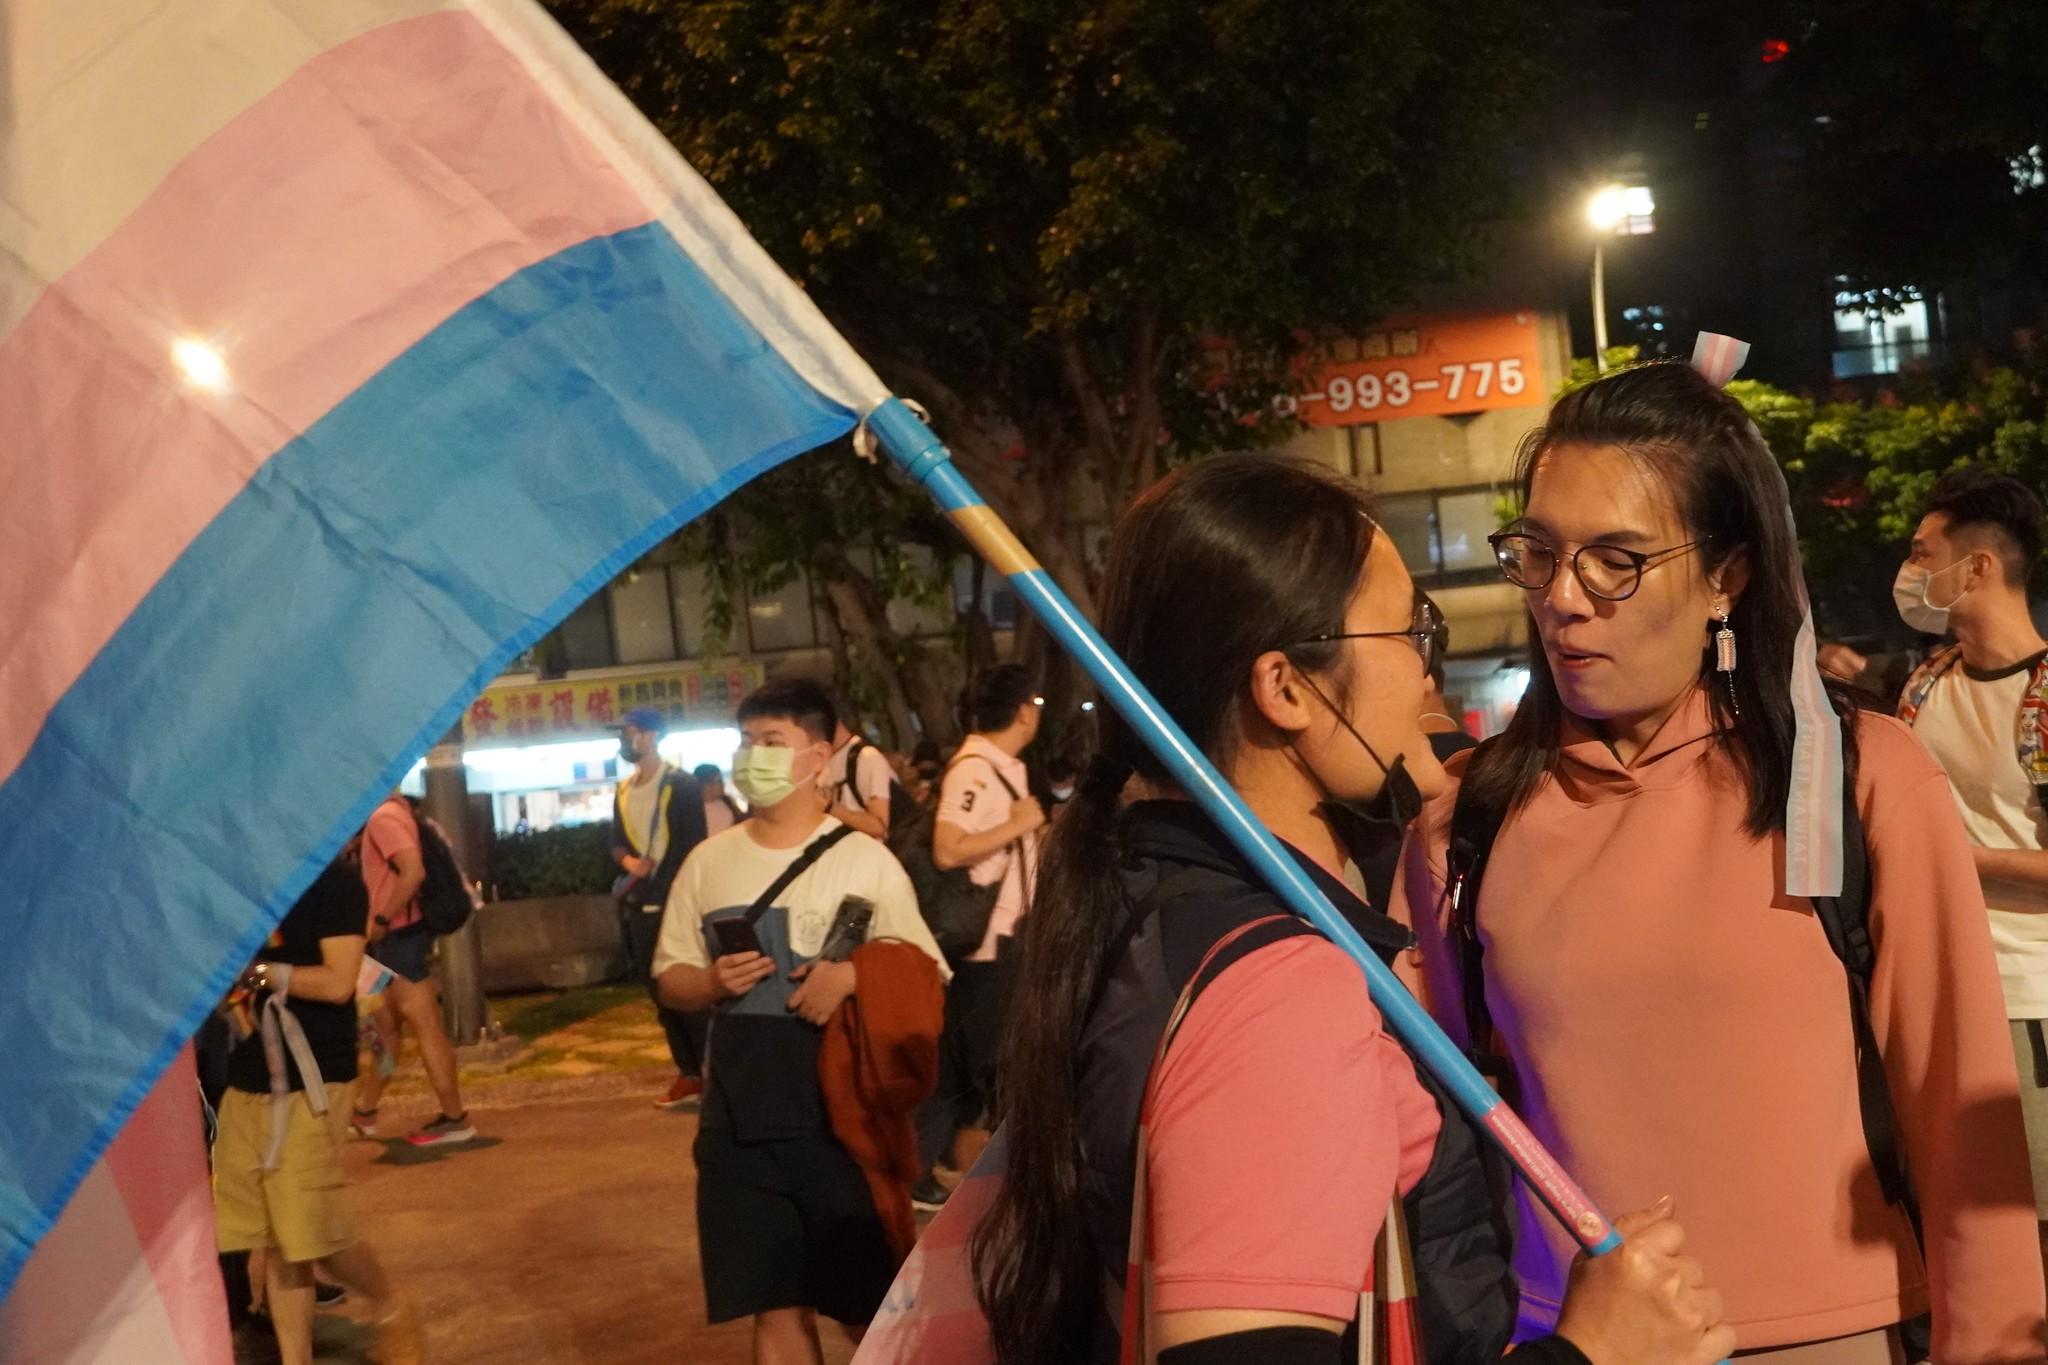 許多人手拿由藍色、粉紅色及白色構成的「跨性別旗」上街。(攝影:張智琦)